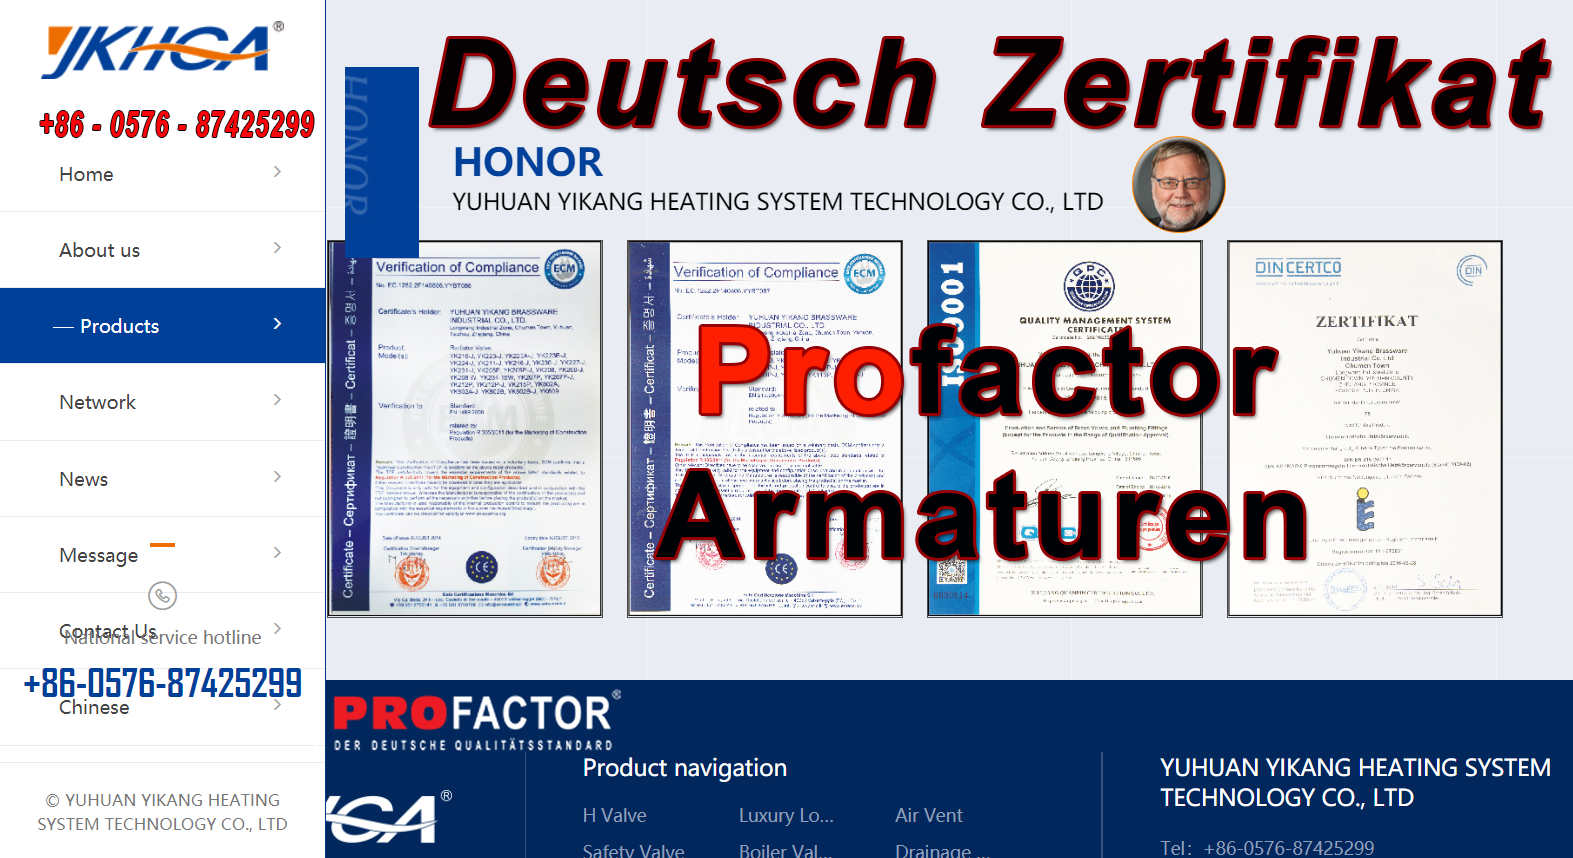 Профактор сантехника Германия из Китая 高品质卫生工程设备